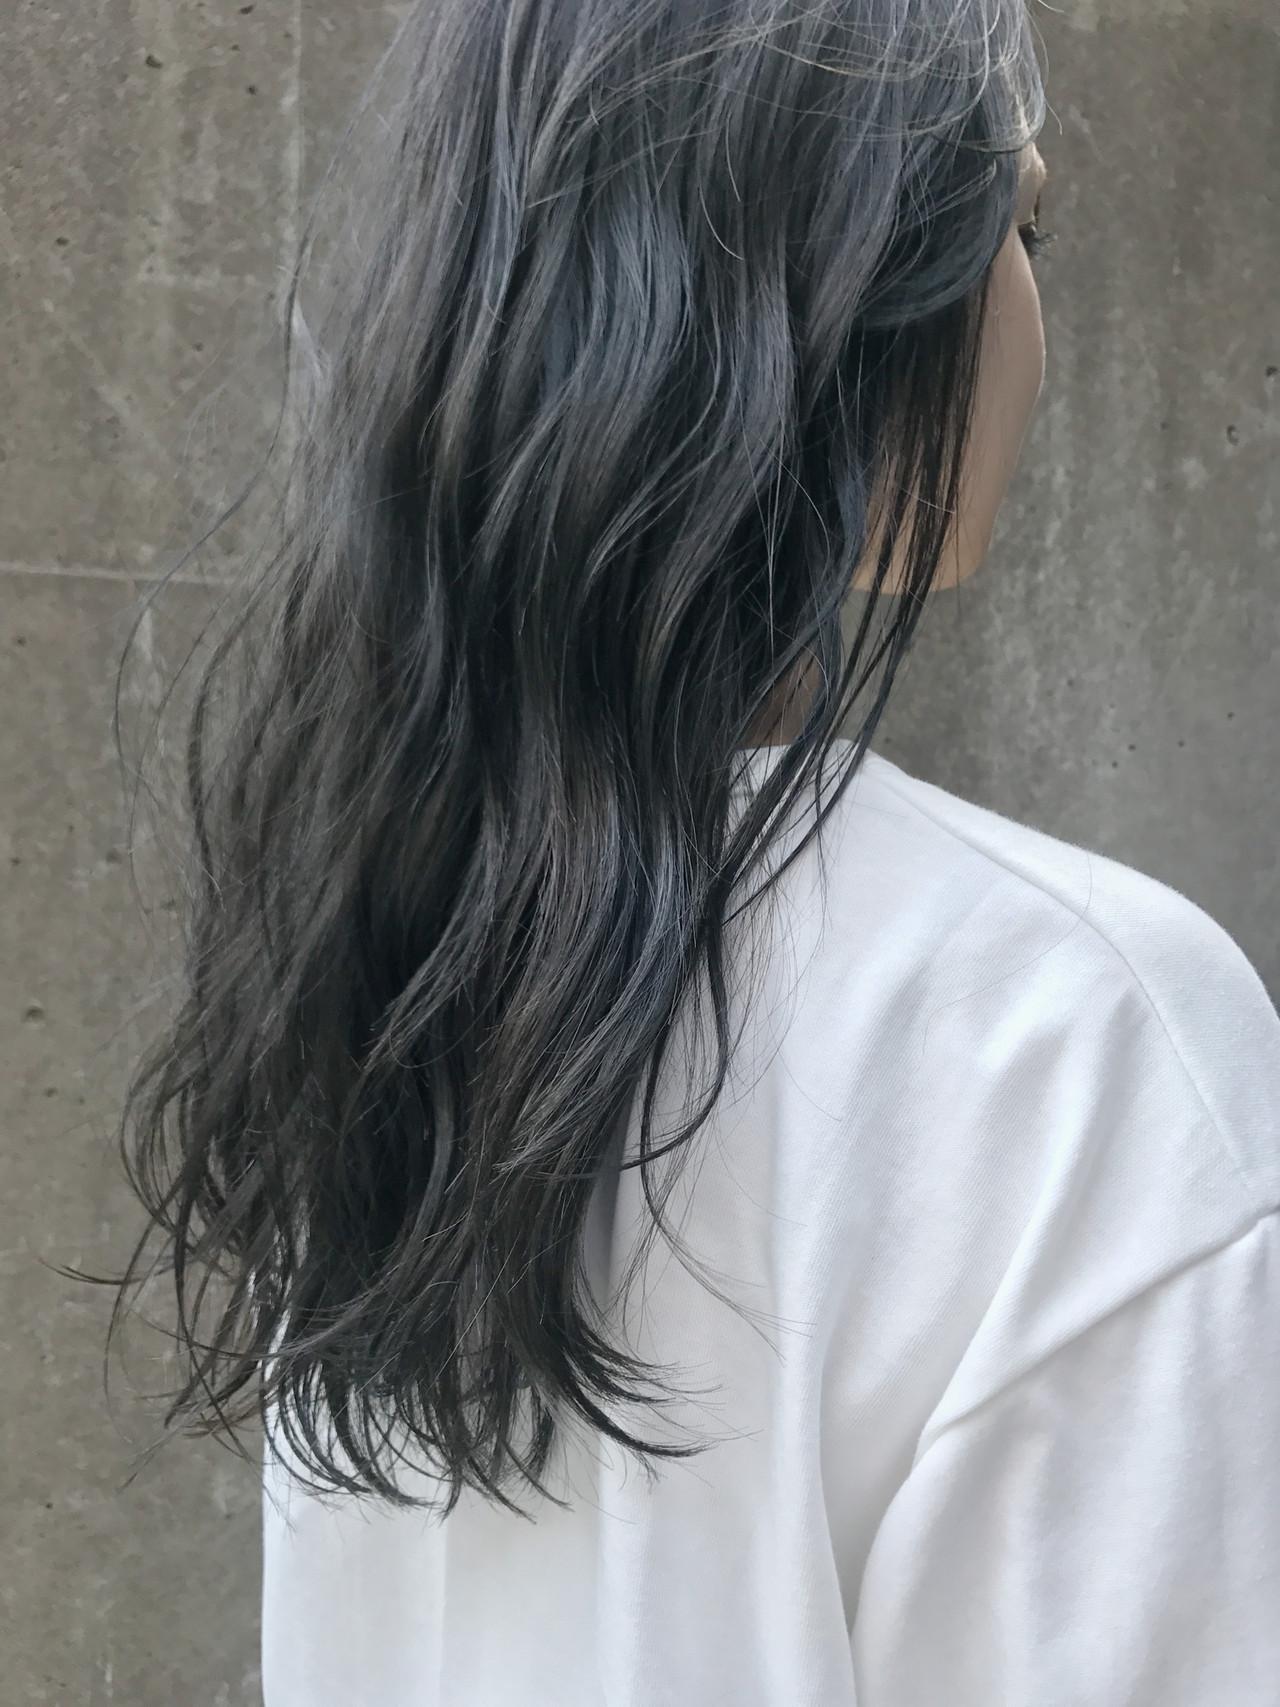 セミロング ブルーアッシュ グレー アッシュ ヘアスタイルや髪型の写真・画像